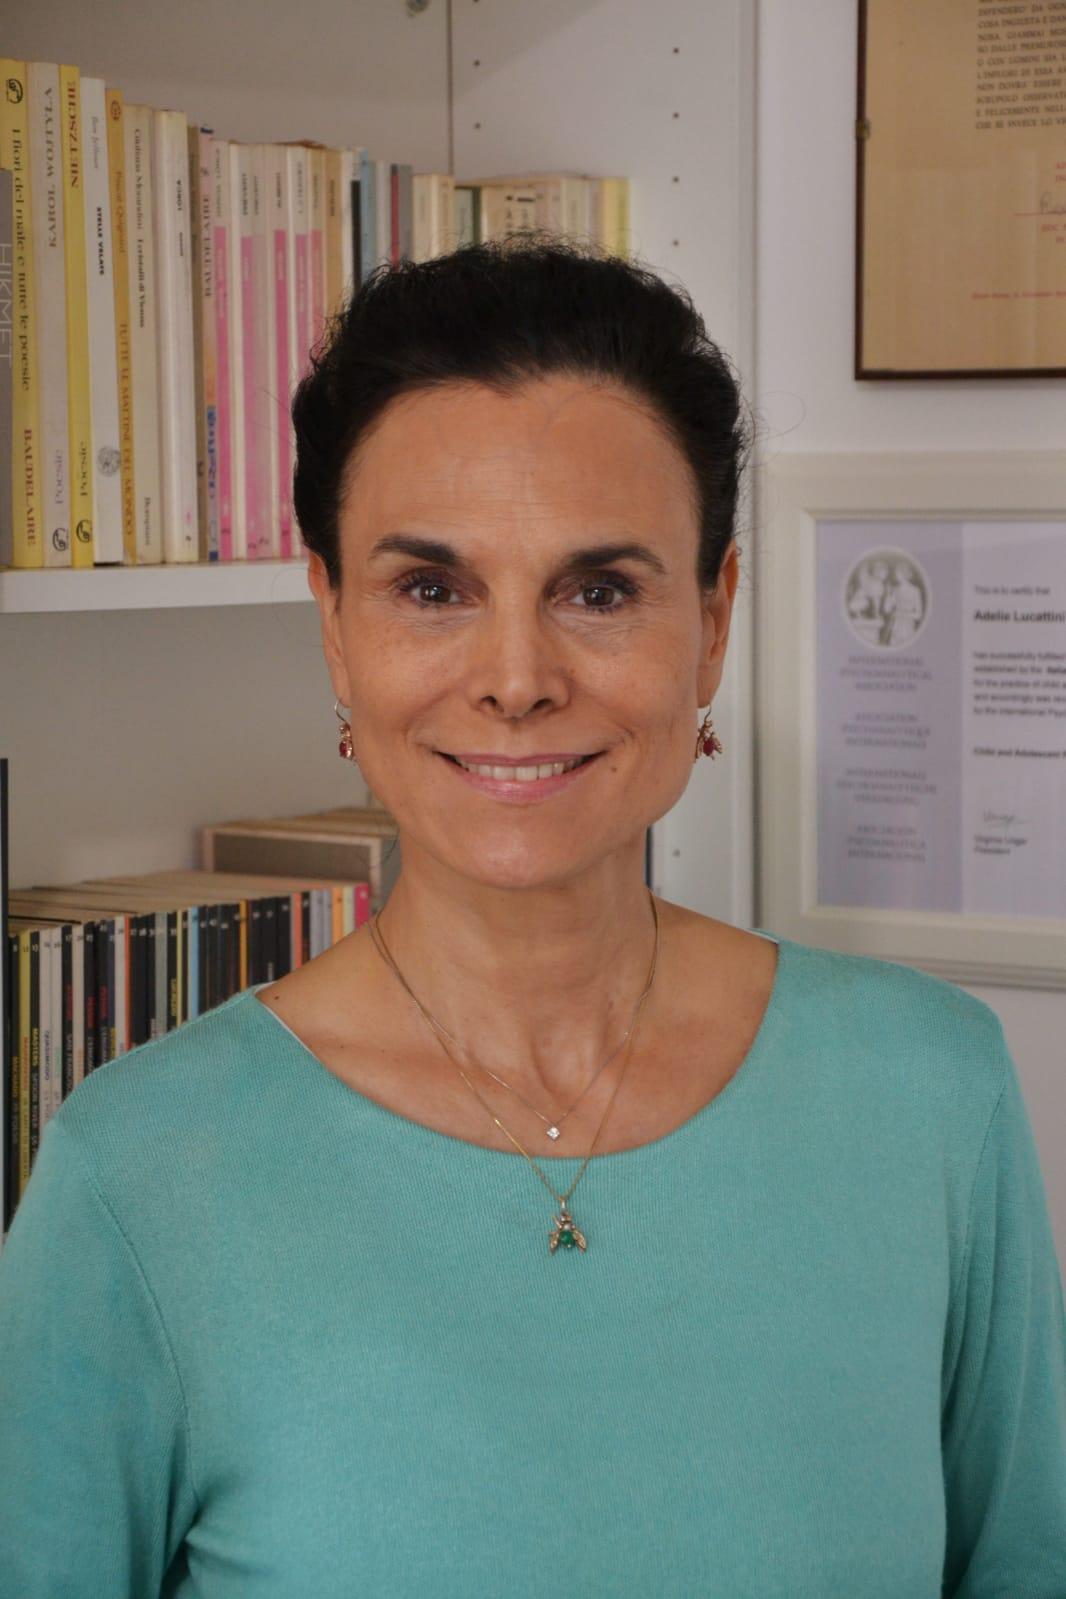 COME PREVENIRE L'USO SPERICOLATO DEGLI SMARTPHONE NEI FIGLI. Intervista alla Dott.ssa Adelia Lucattini